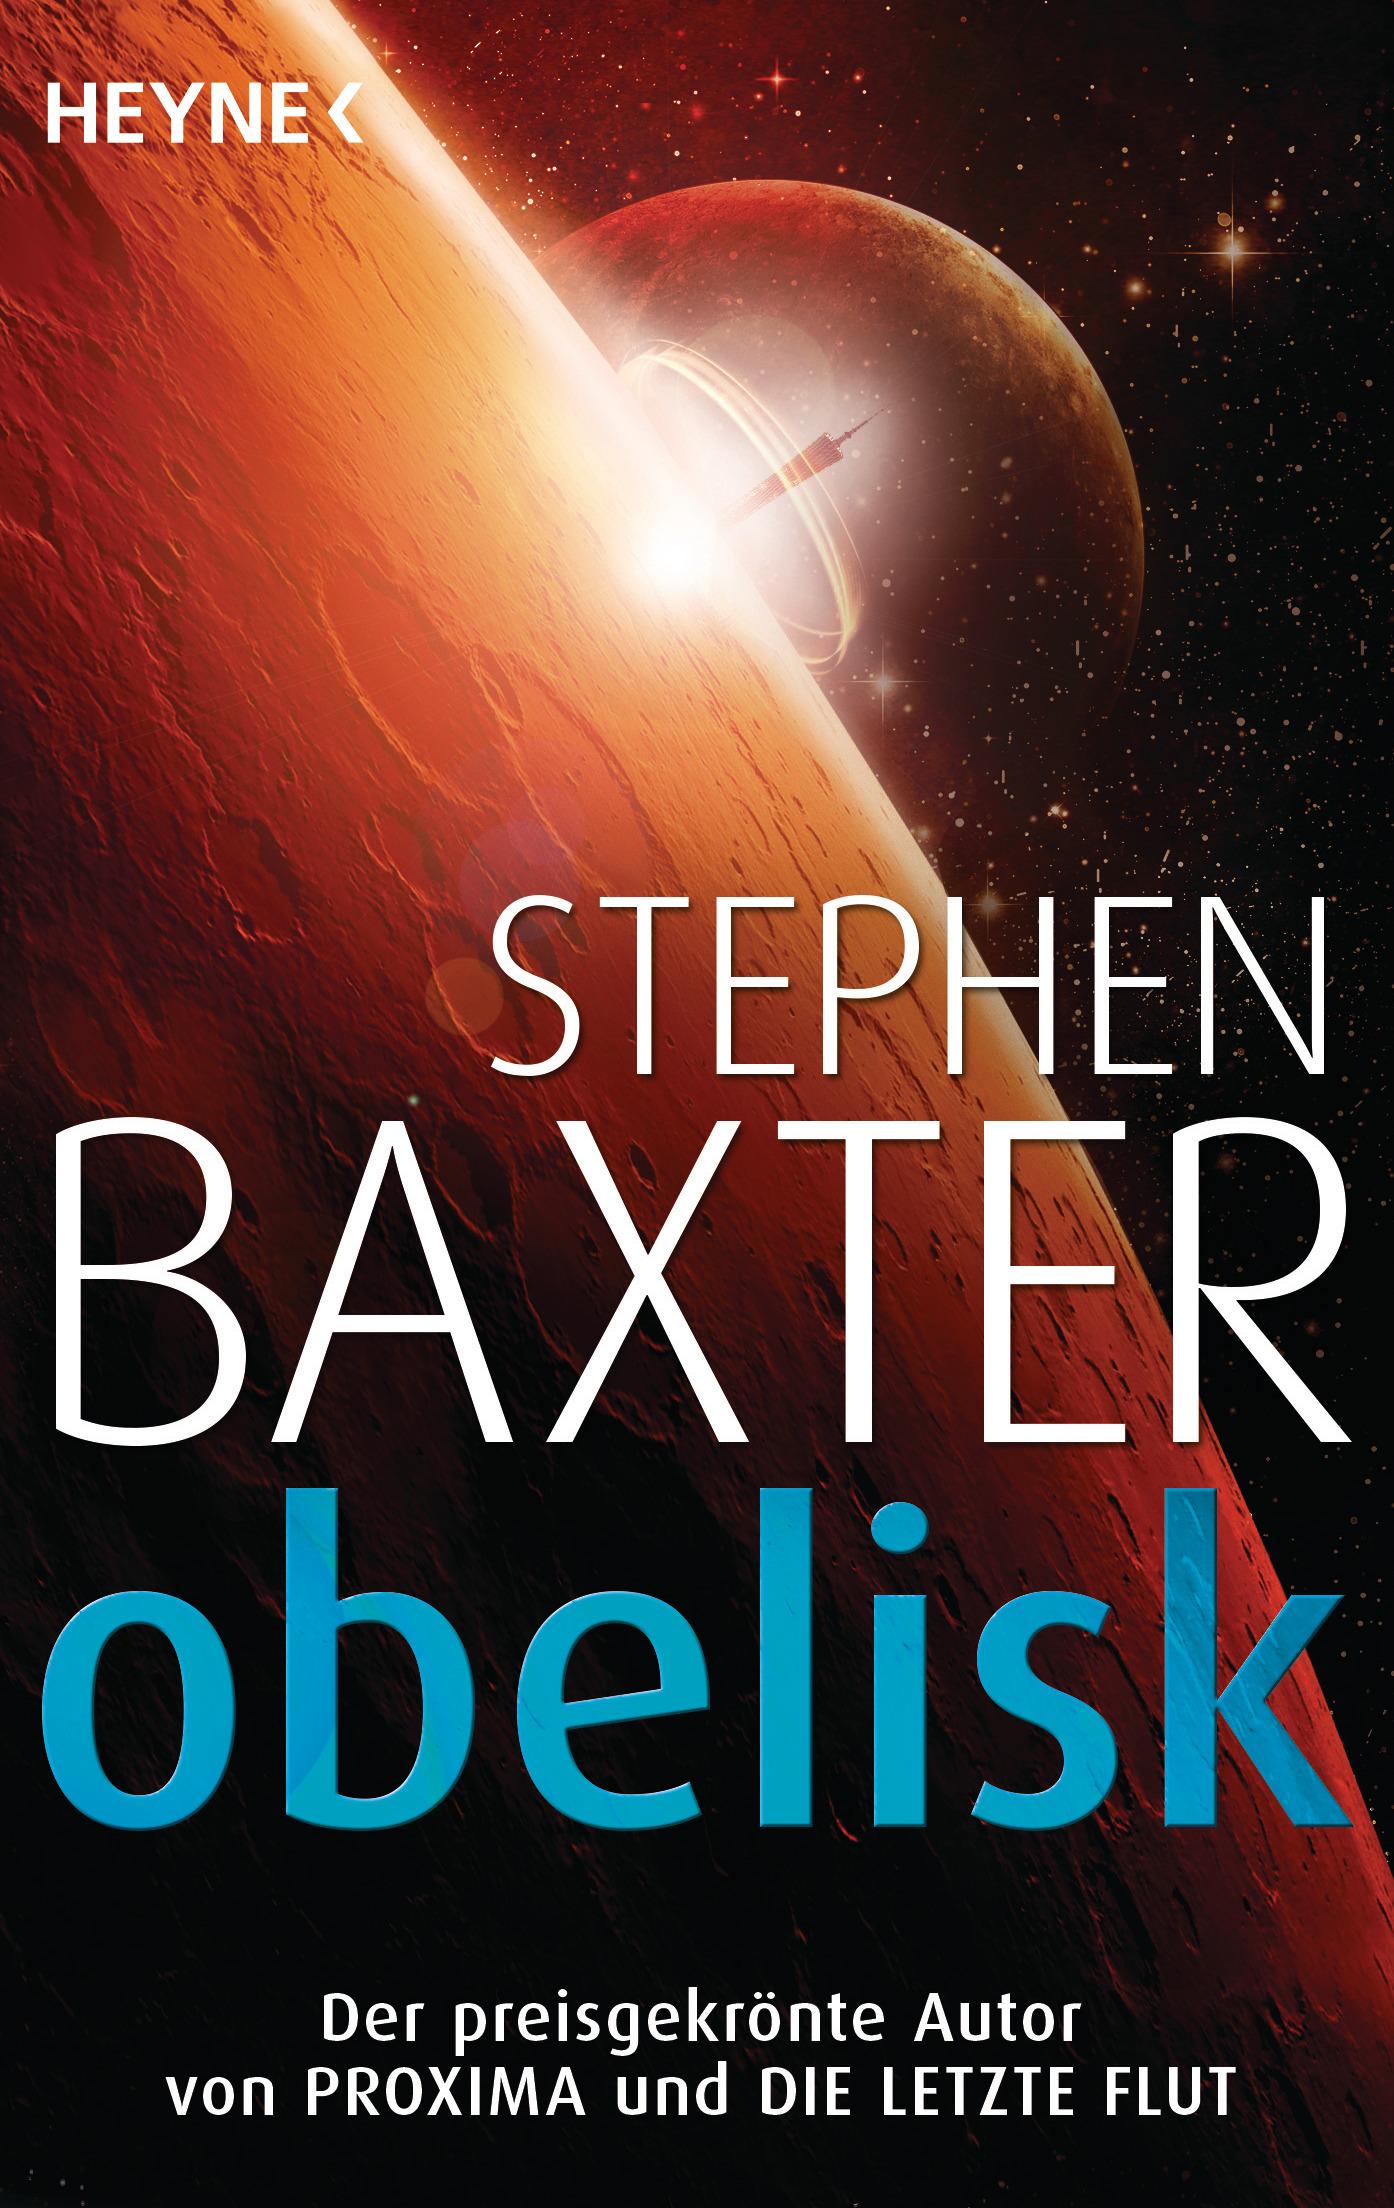 Stephen-Baxter-Obelisk-9783453319455